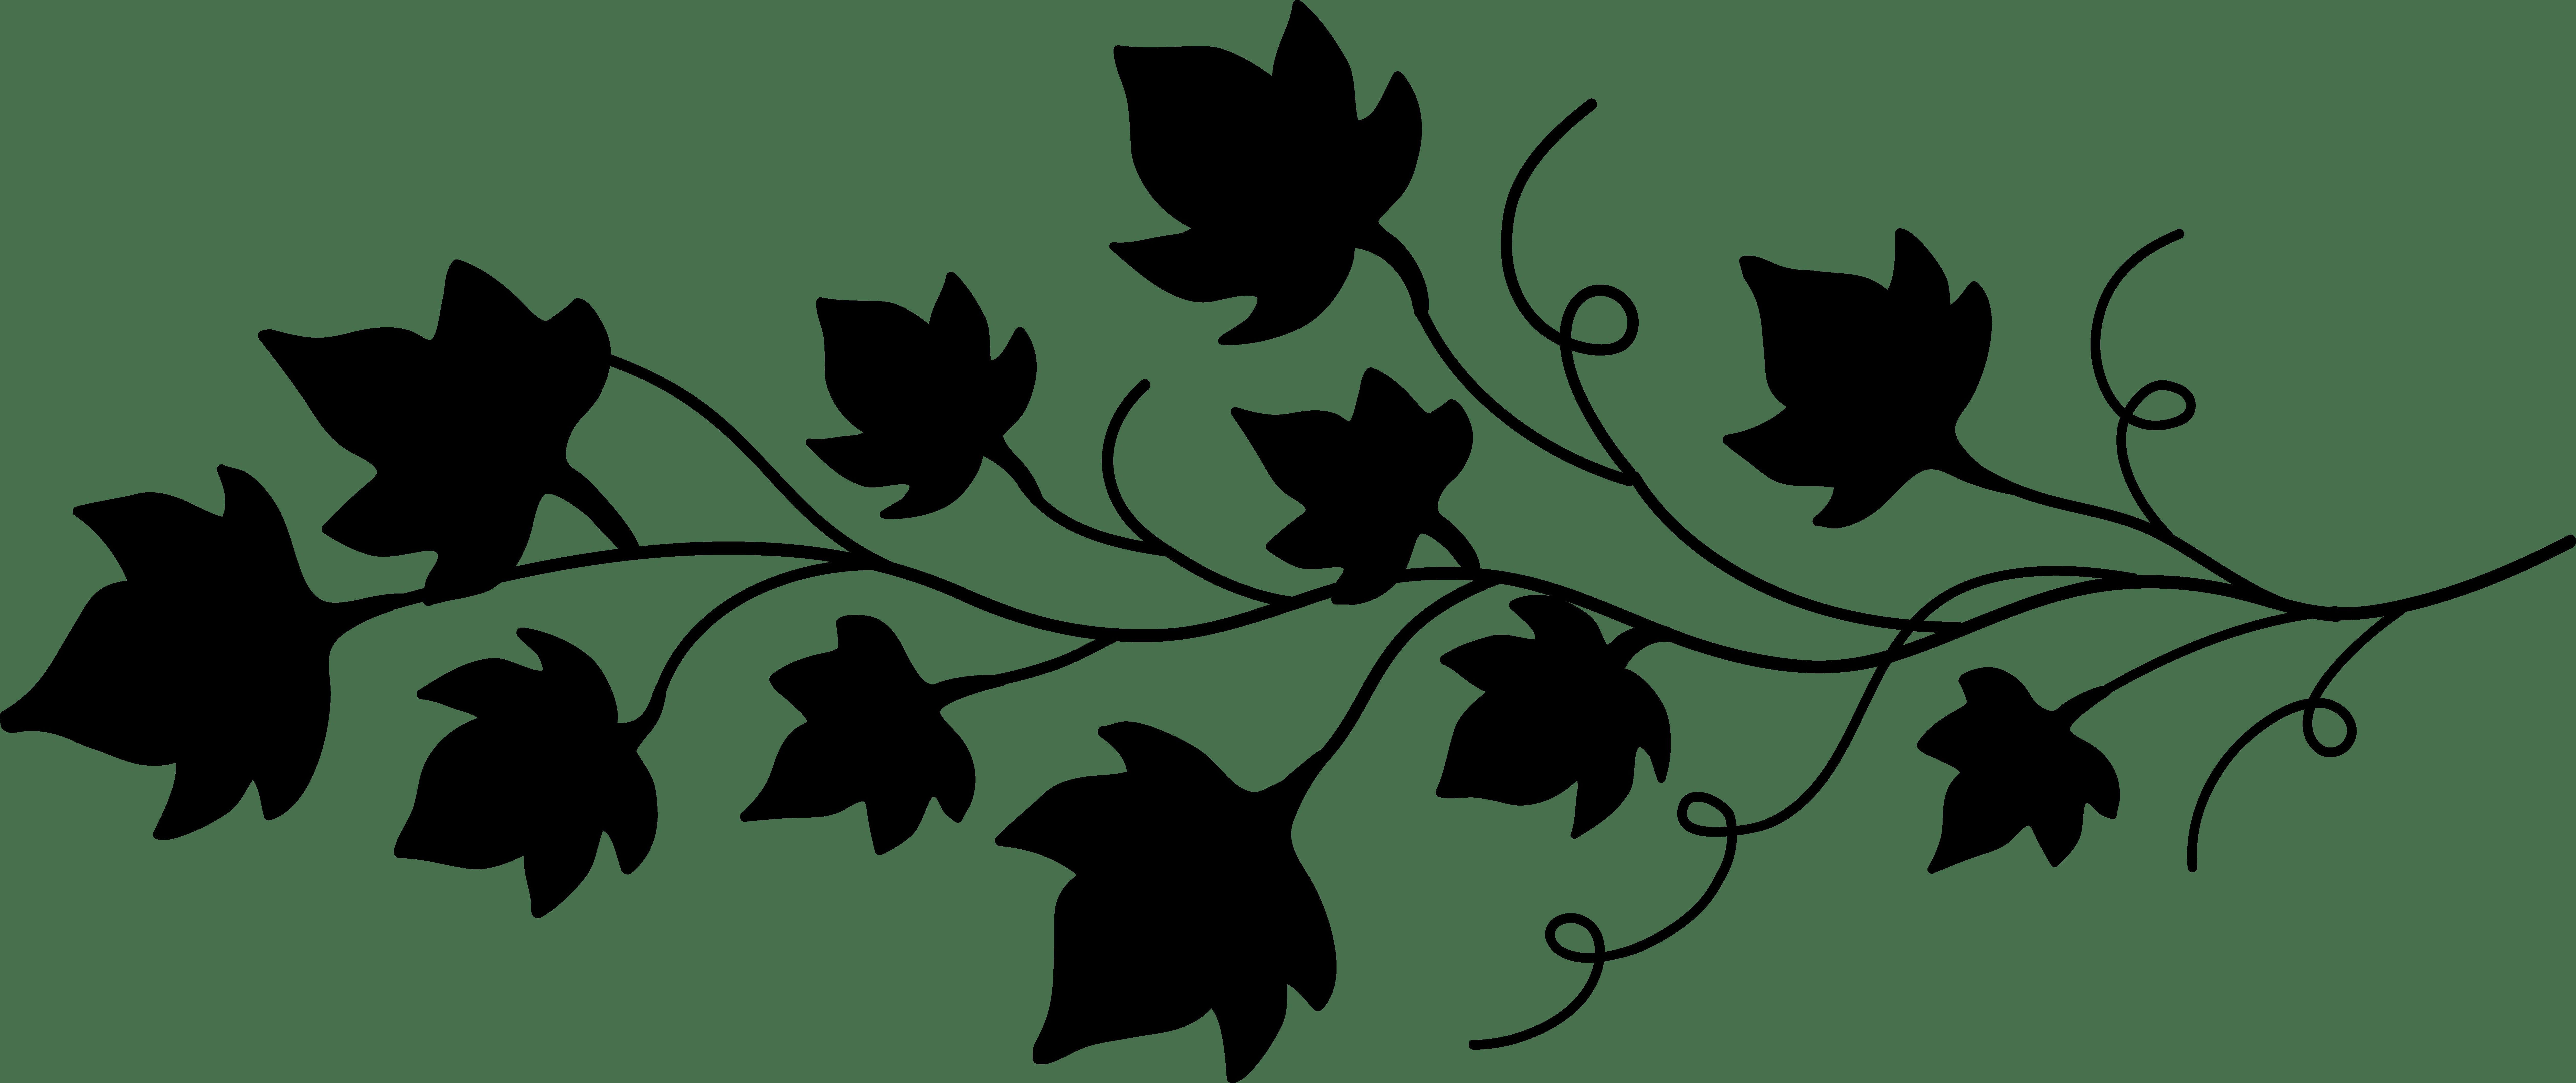 Common Gvine Clip Art Openclipart Free Content Still